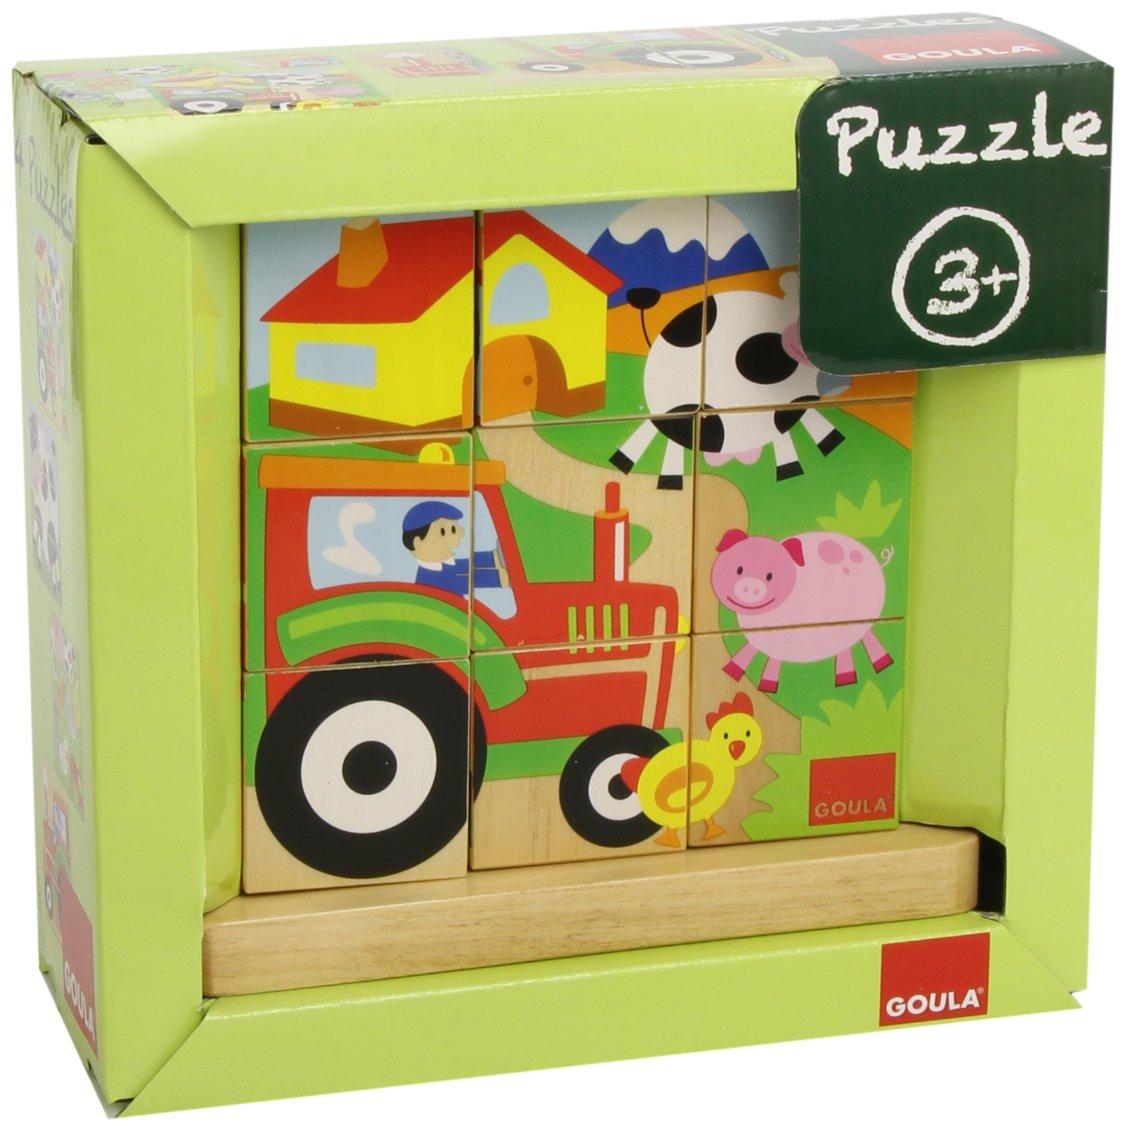 Goula 9 Cubes Farm Cubic Puzzle